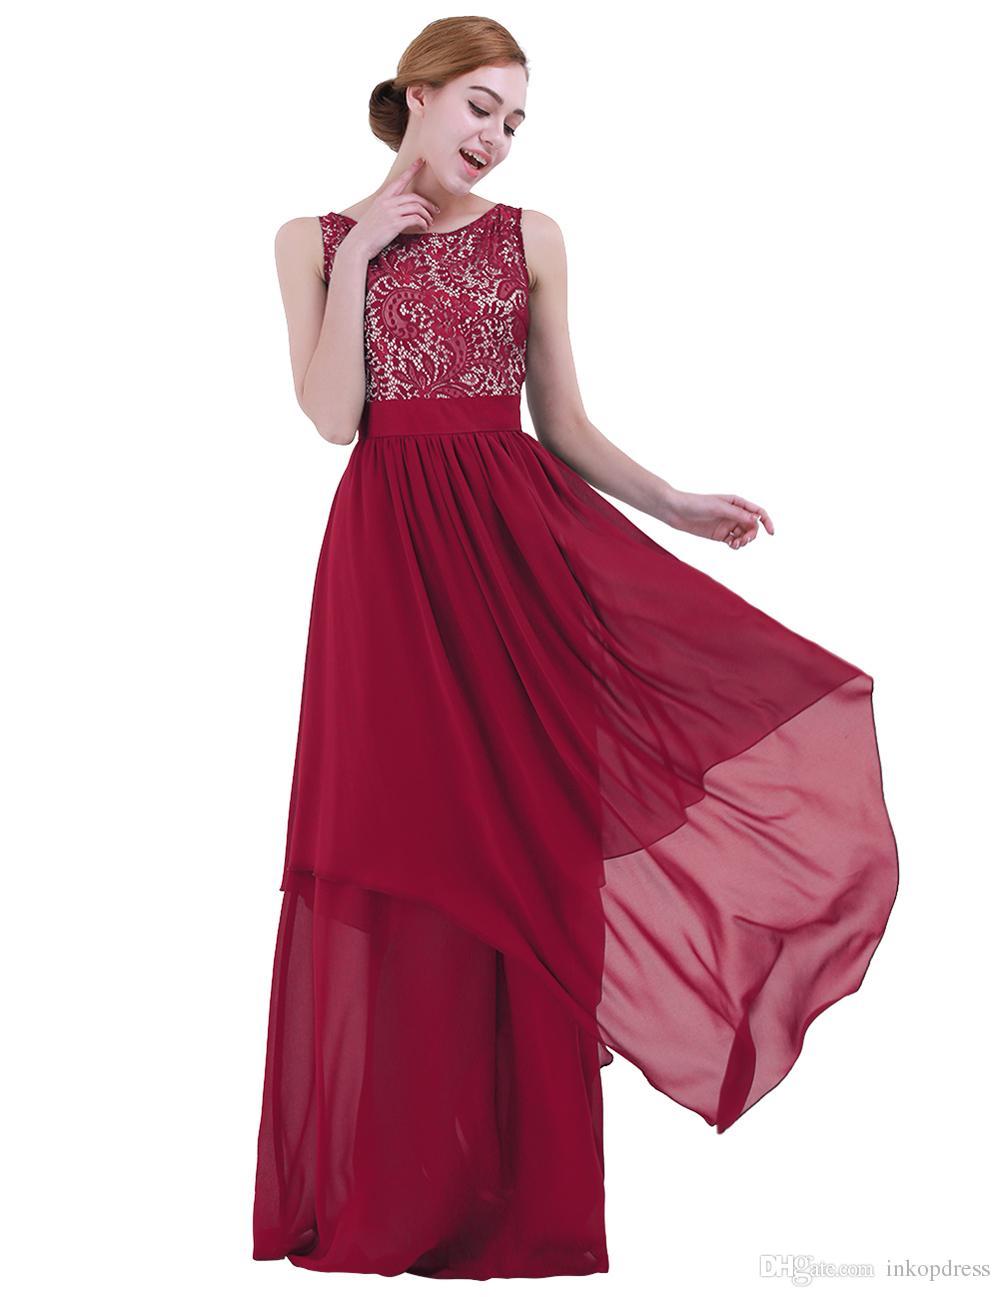 Heiße Verkäufe Frauen Sexy Maxi Kleid Vintage Spitze Chiffon Aushöhlen Kleid  Sleeveless Hochzeit Abendgesellschaft Prinzessin Pageant Kleider 7da538ccb8